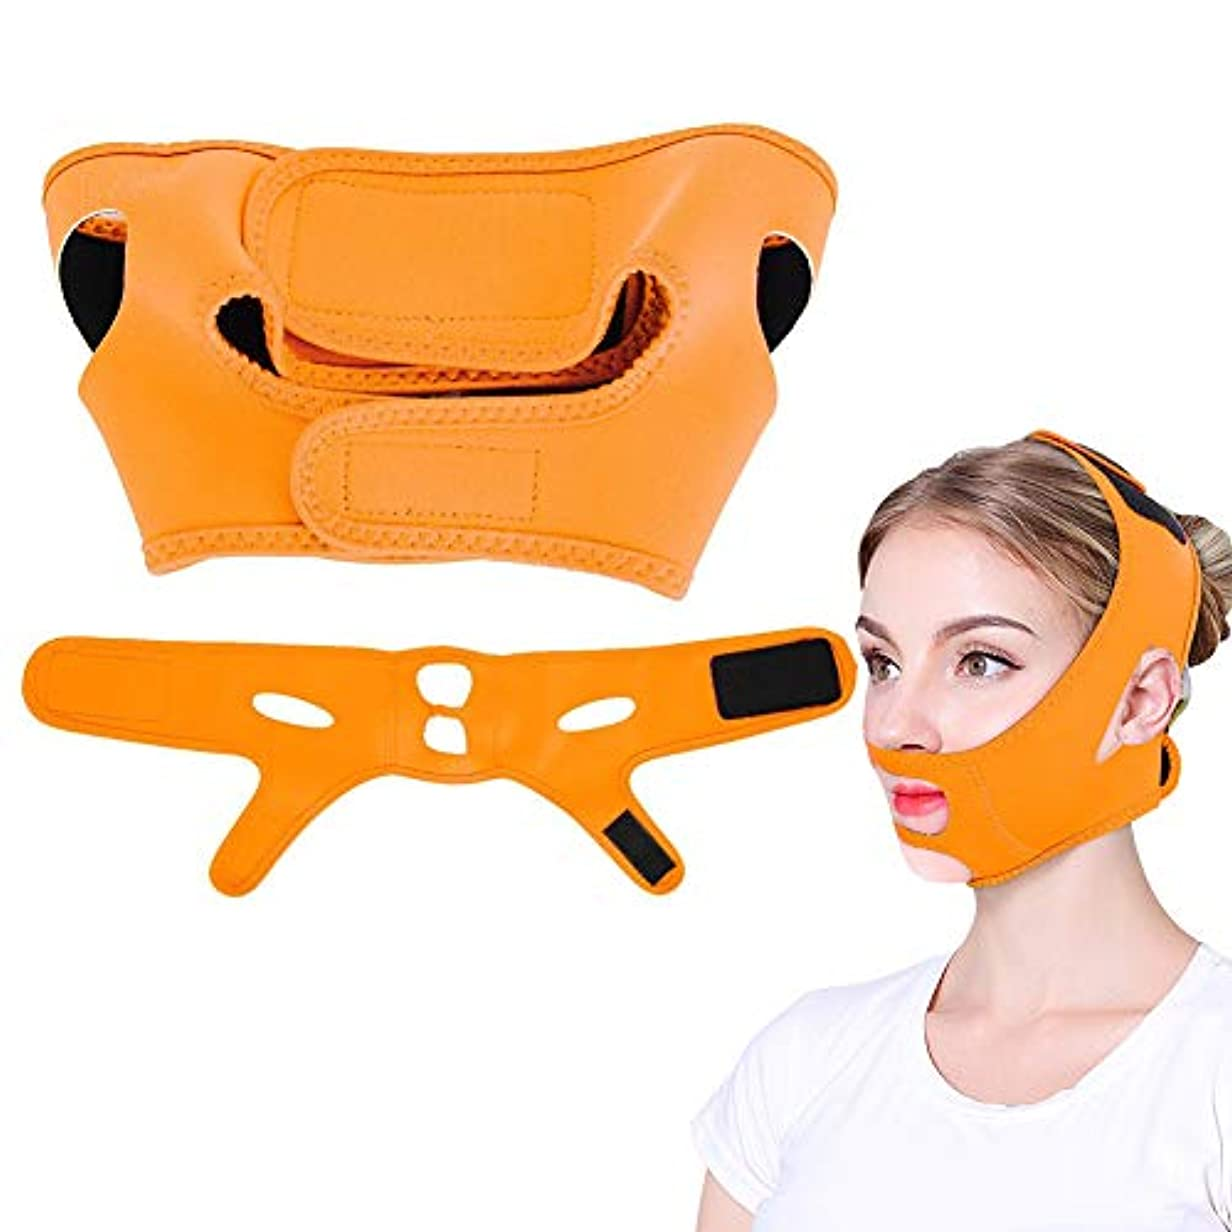 きつく上にソファーフェイススリミング包帯小 顔 美顔 矯正、顎リフト フェイススリミングマスク (オレンジ)